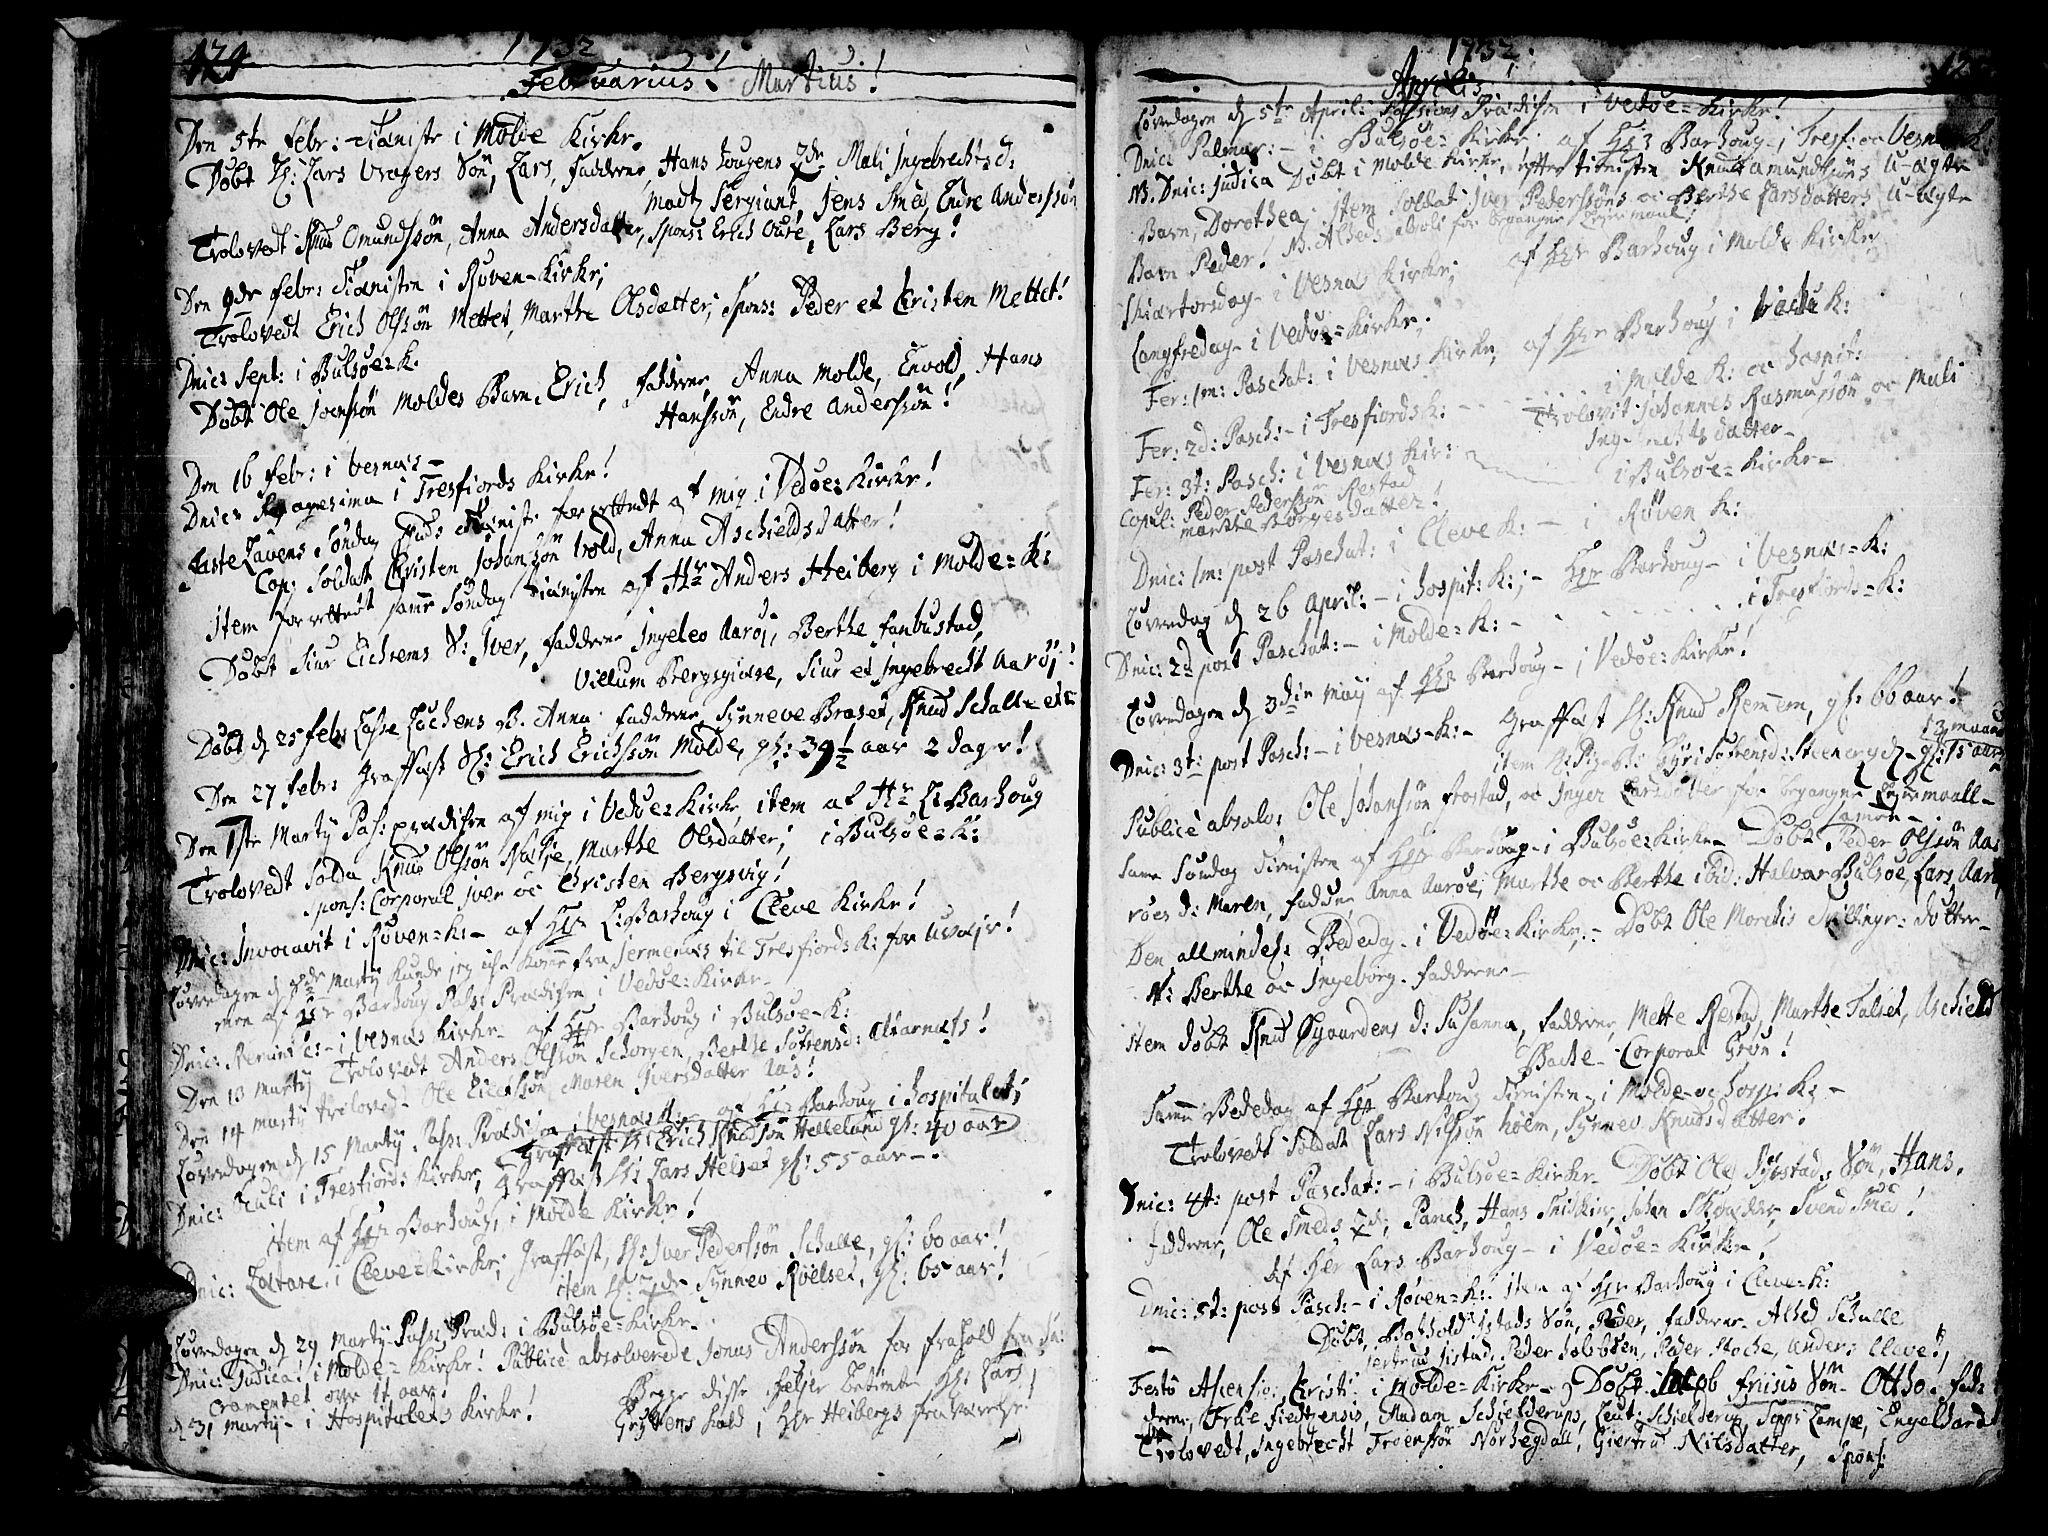 SAT, Ministerialprotokoller, klokkerbøker og fødselsregistre - Møre og Romsdal, 547/L0599: Ministerialbok nr. 547A01, 1721-1764, s. 126-127